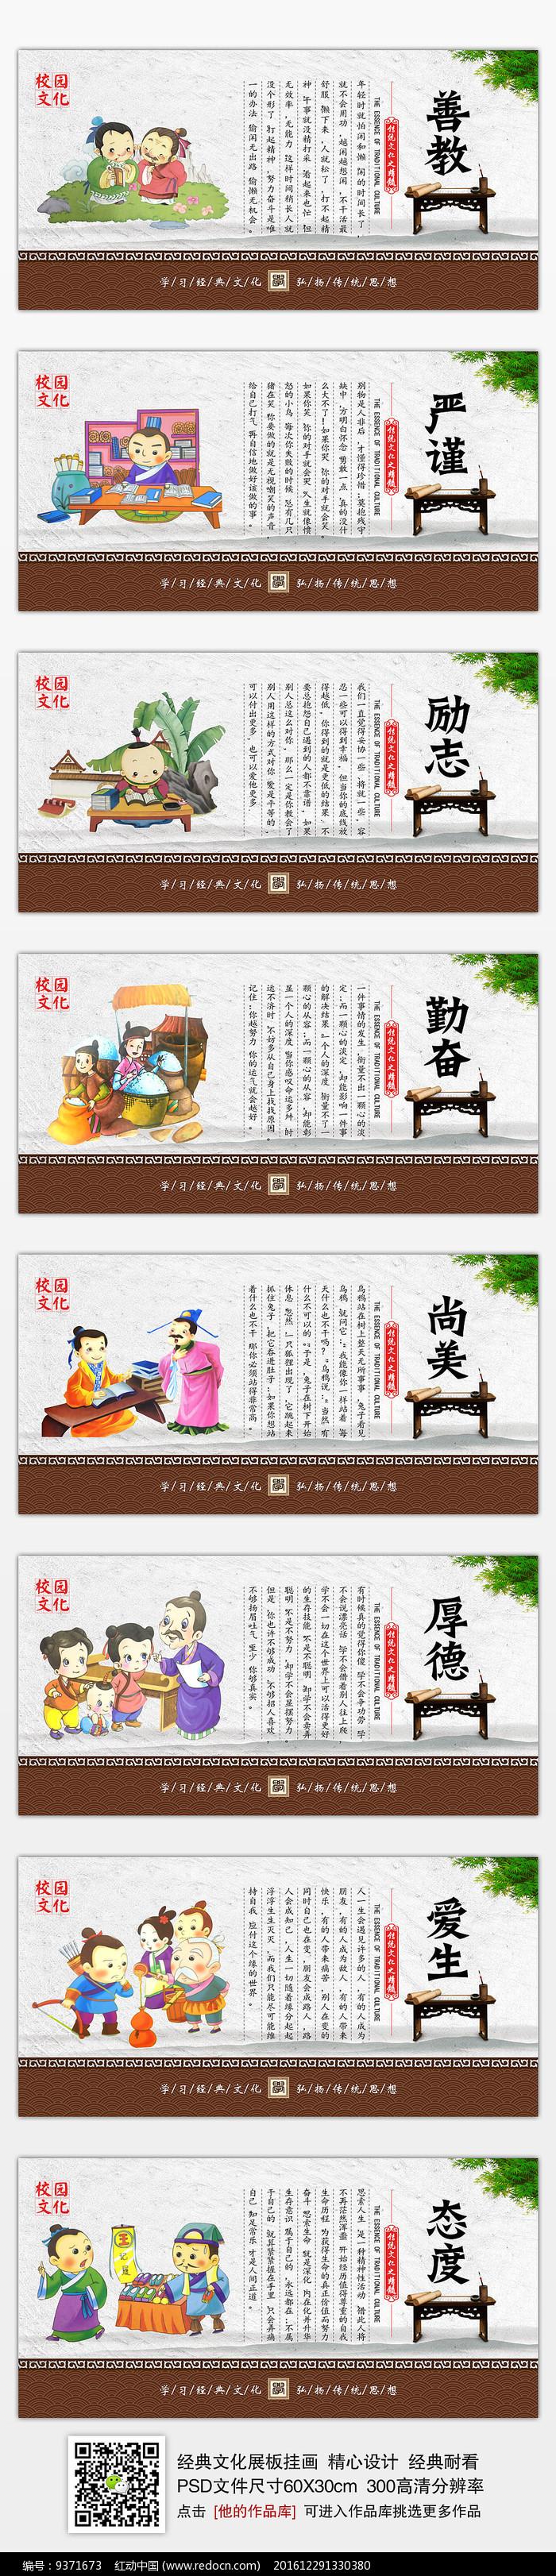 传统校园文化文明礼仪展板挂画图片